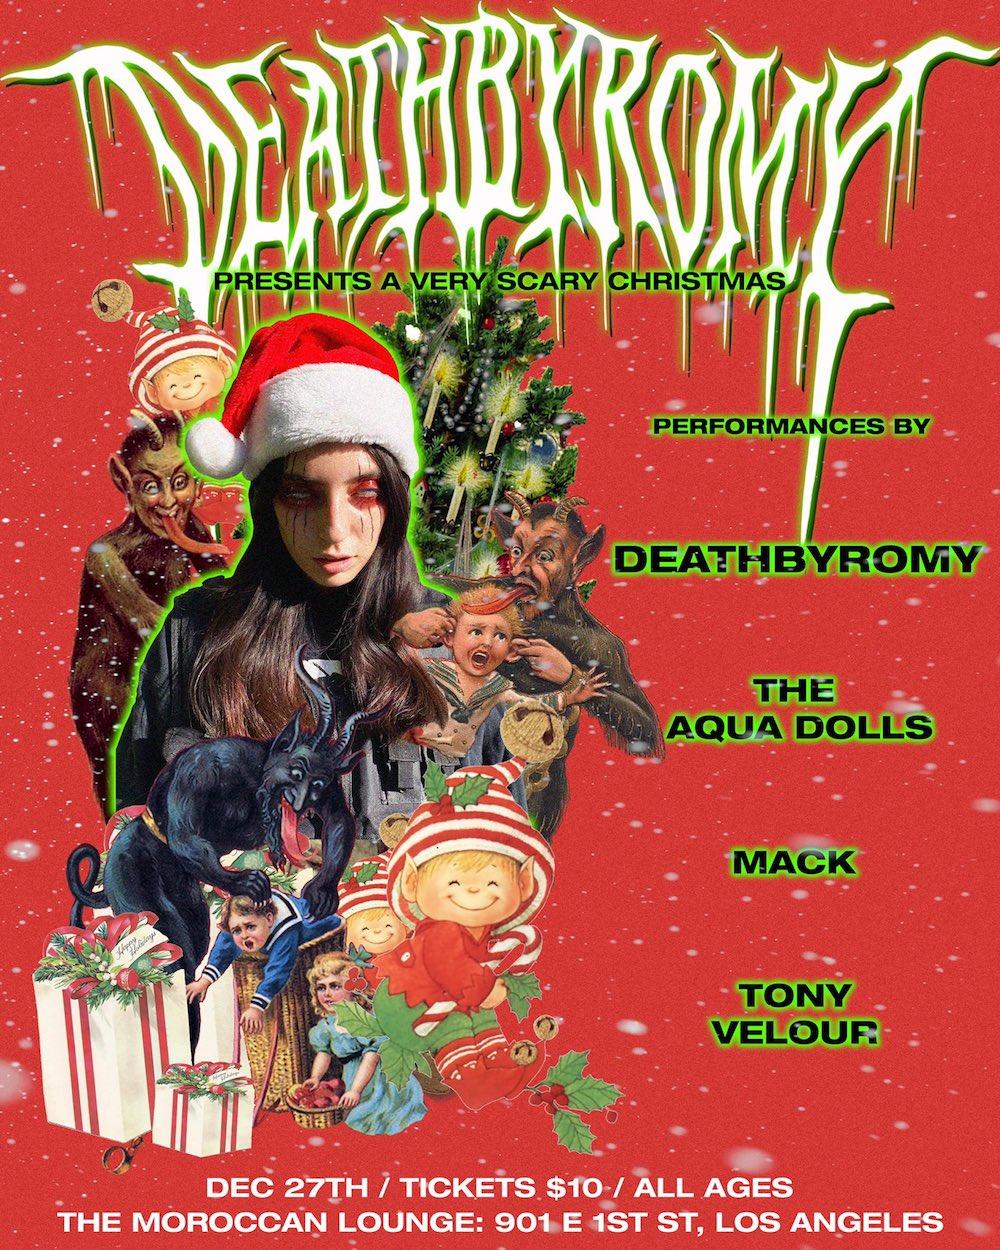 deathbyromy